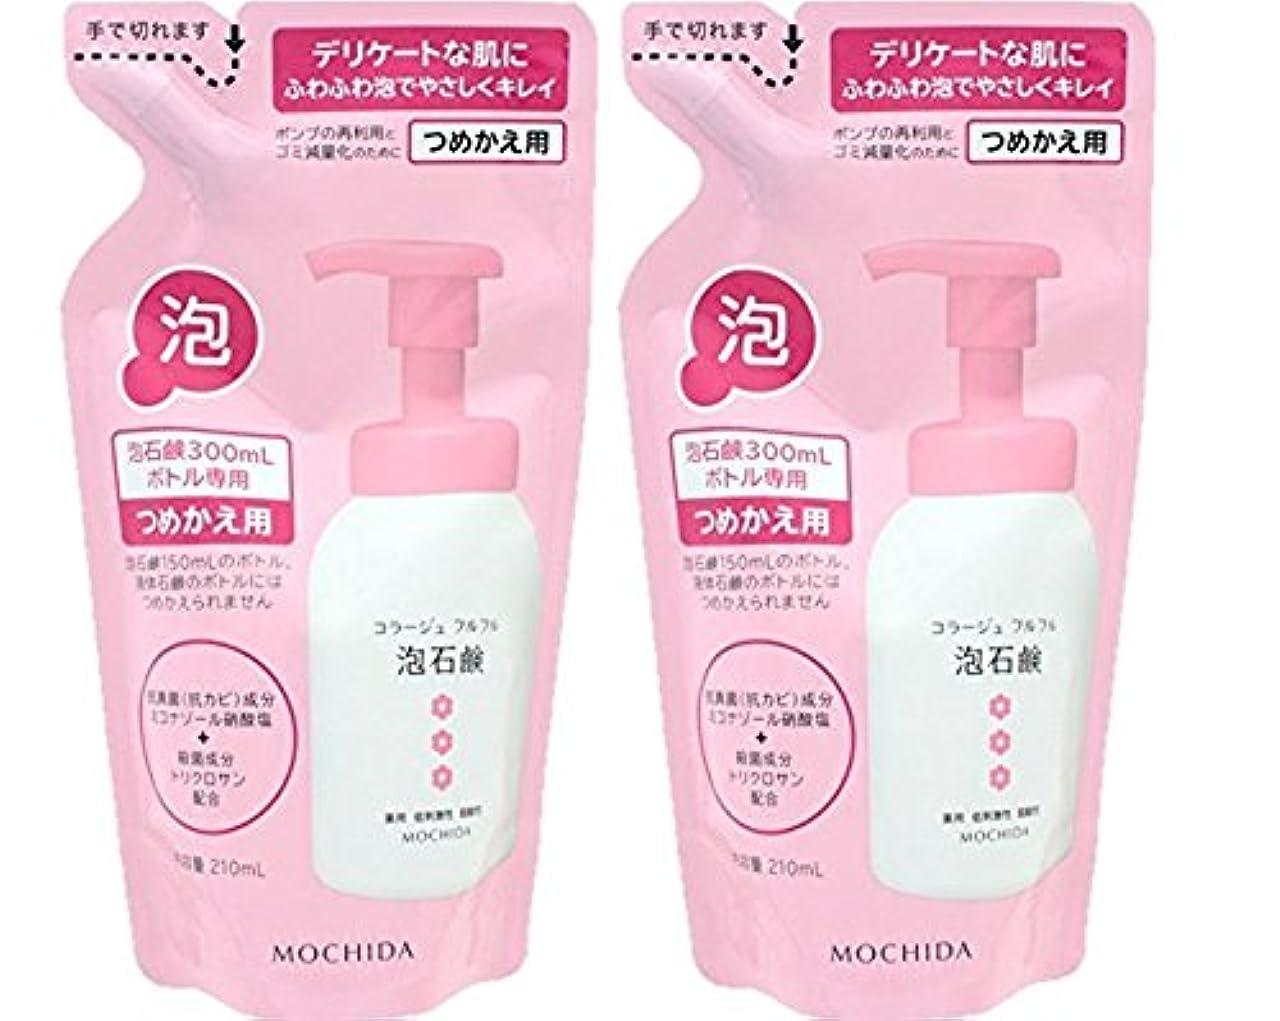 量で地区法律コラージュフルフル 泡石鹸 ピンク つめかえ用 210mL (医薬部外品)×2